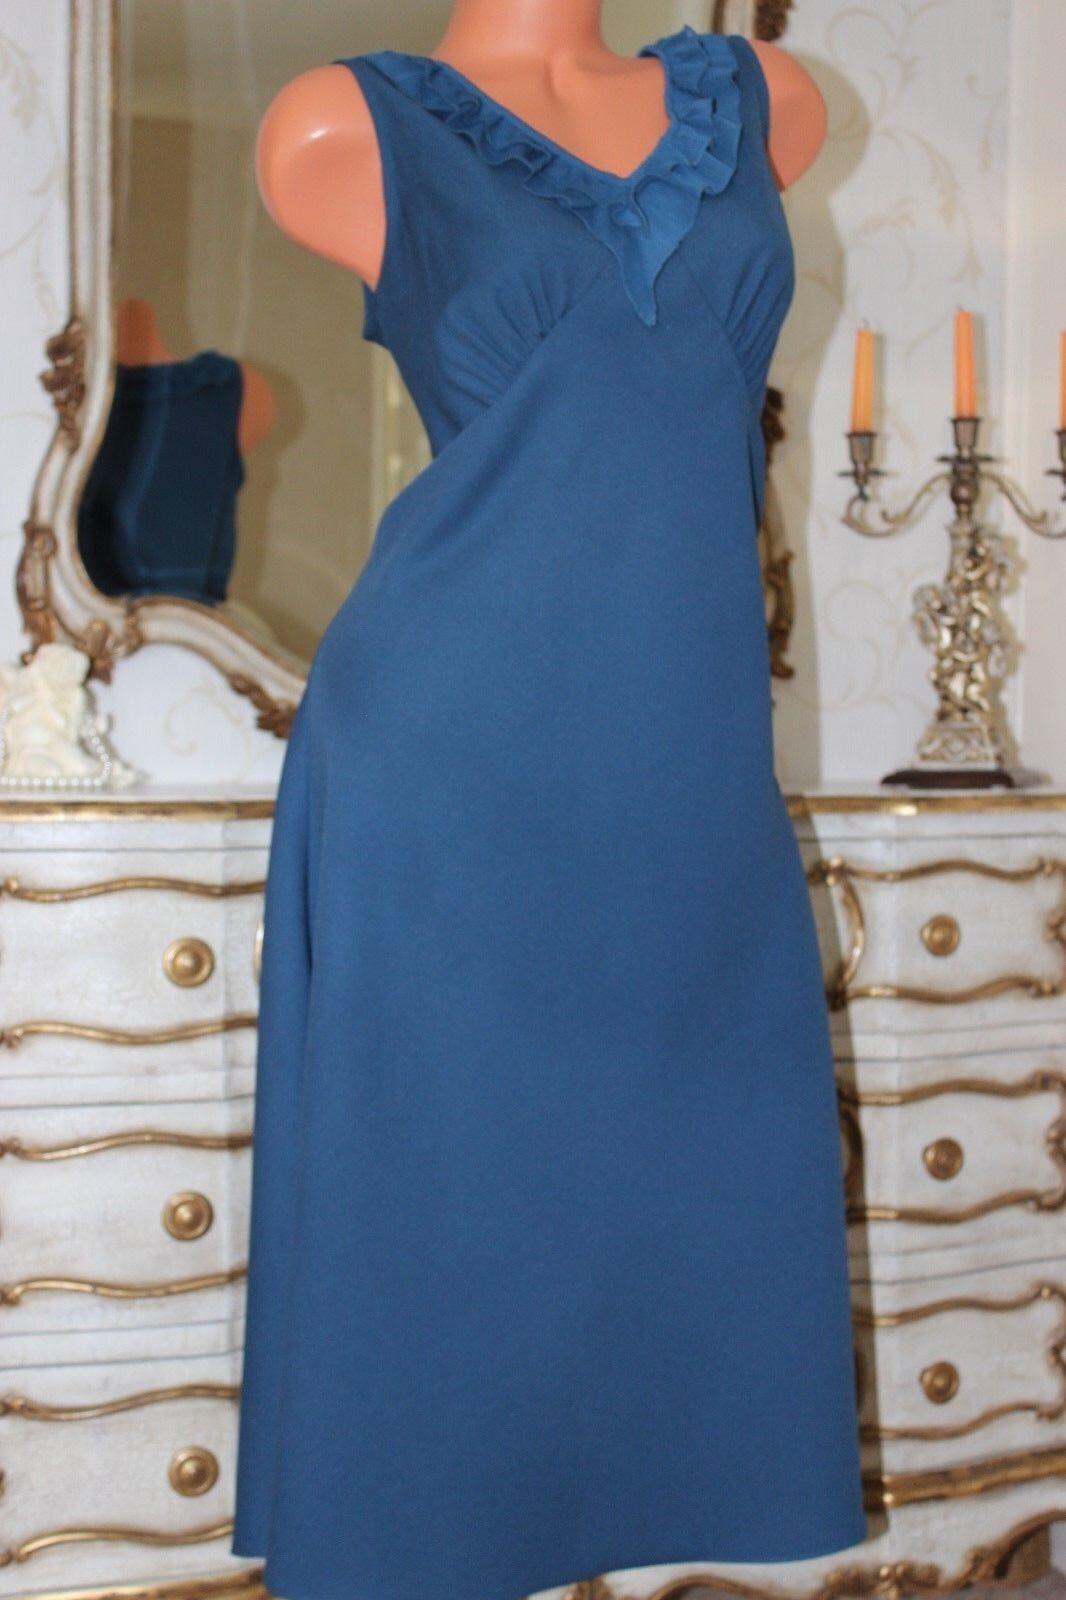 (Ref 27) NIGHTINGALES Petrol Blau Bias Cut A Line Ladies dress Größe 14